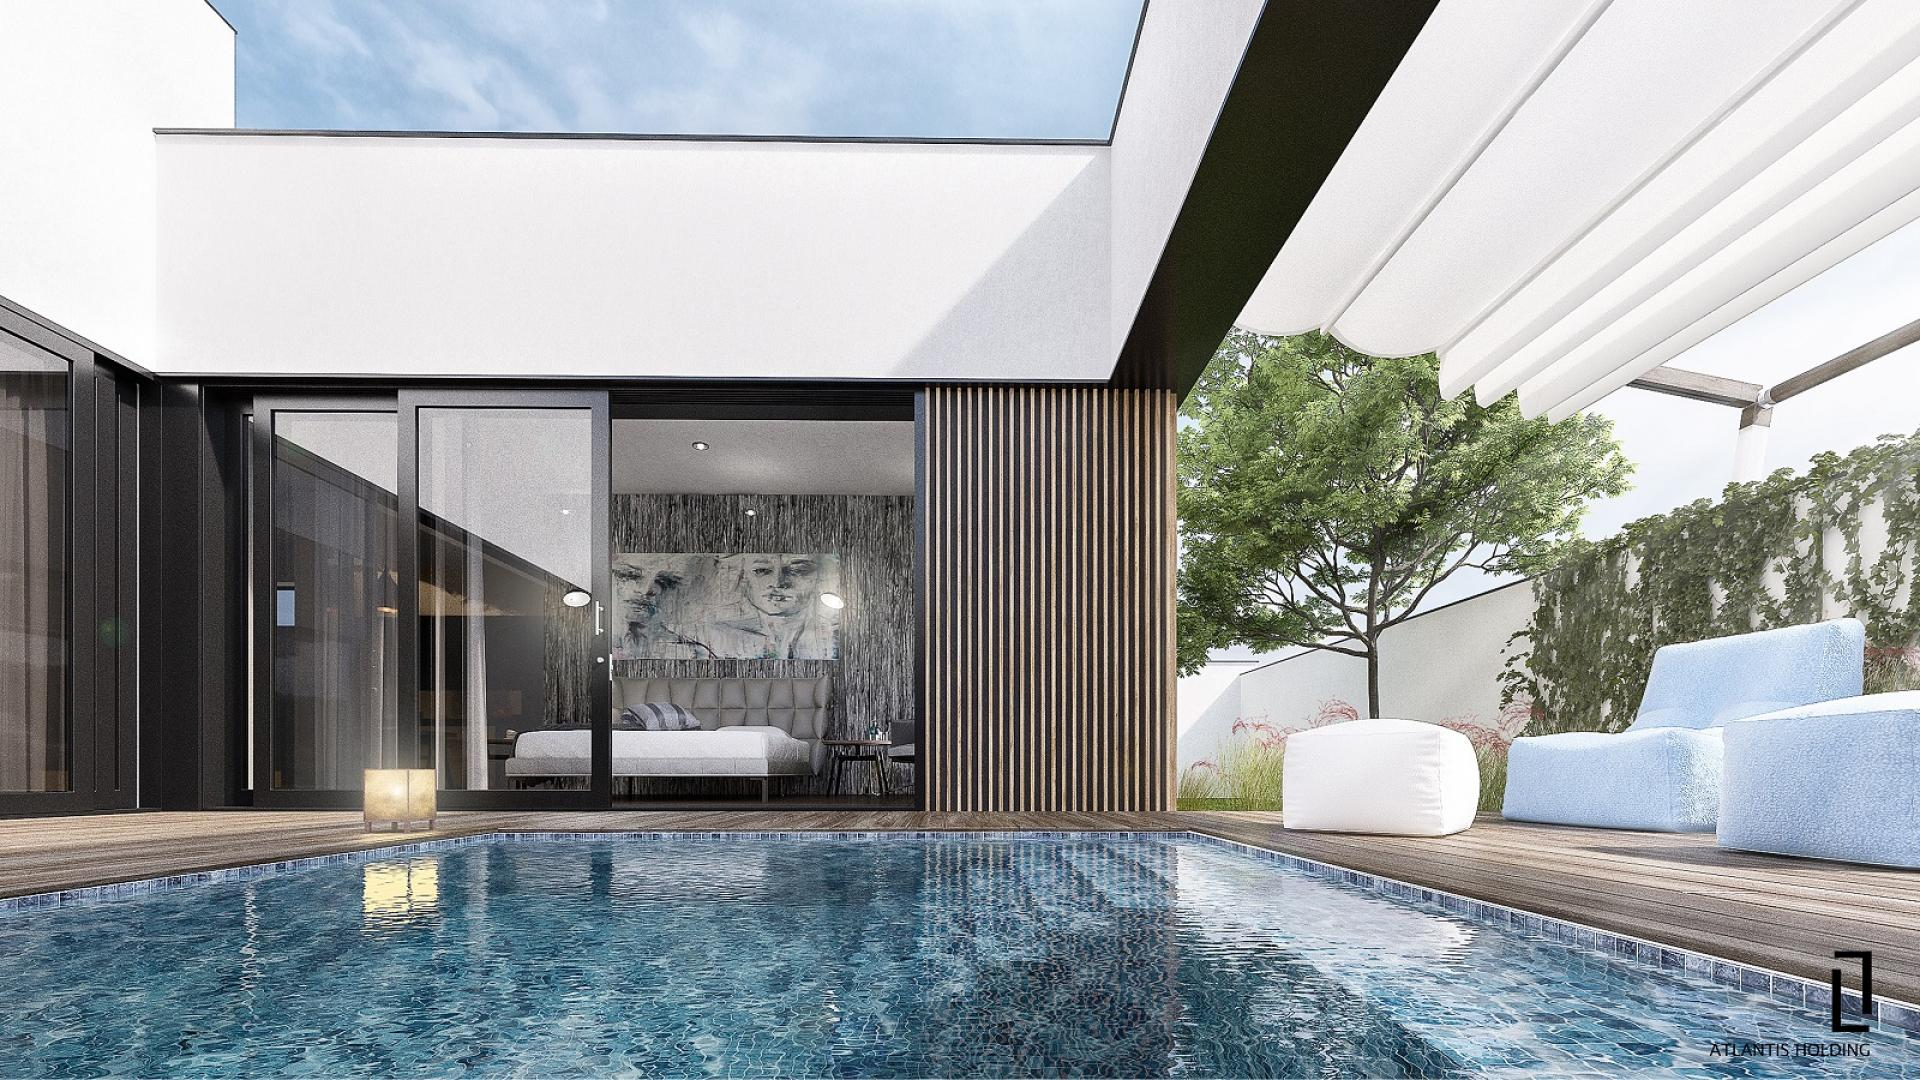 вътрешен поглед как може да изглежда частния двор с басейн и шезлонги с достъп до една от спалните